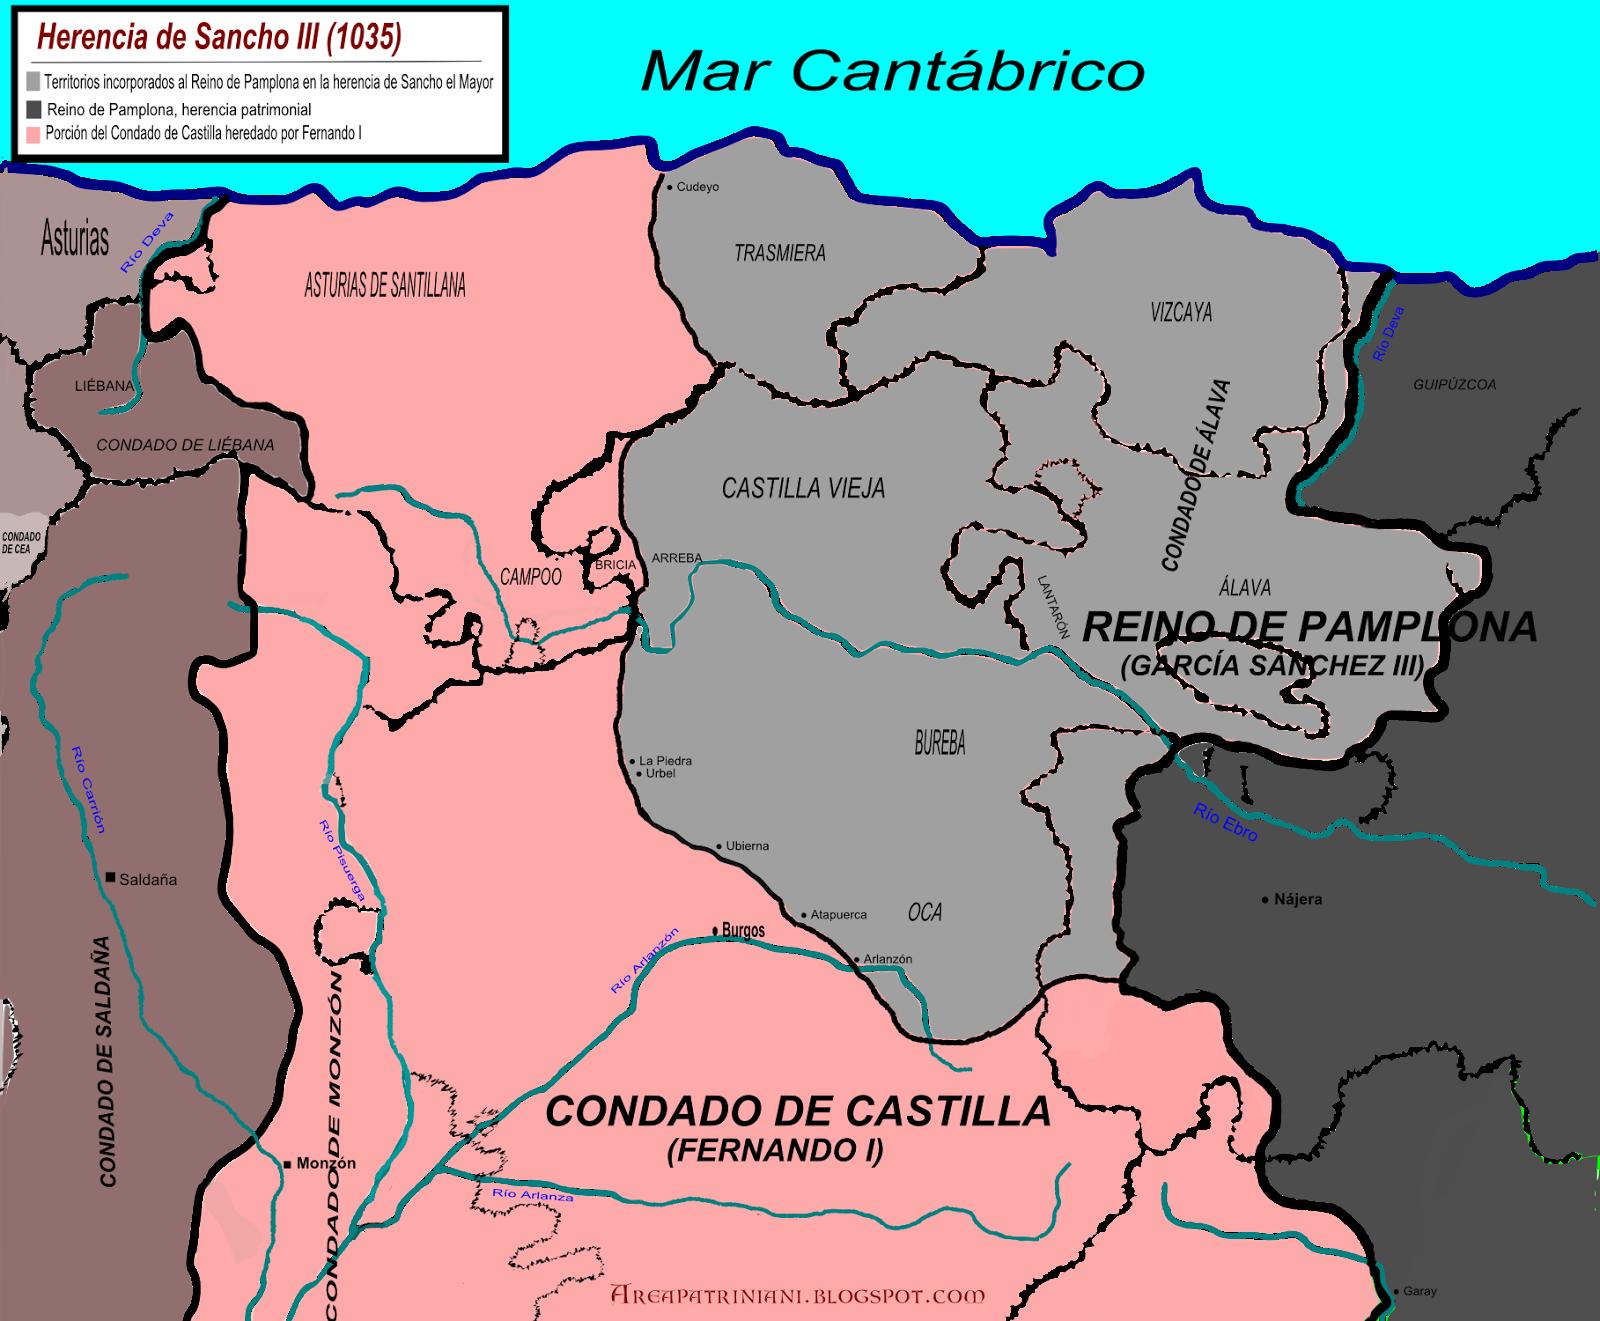 División del condado de Castilla por Sancho el Mayor